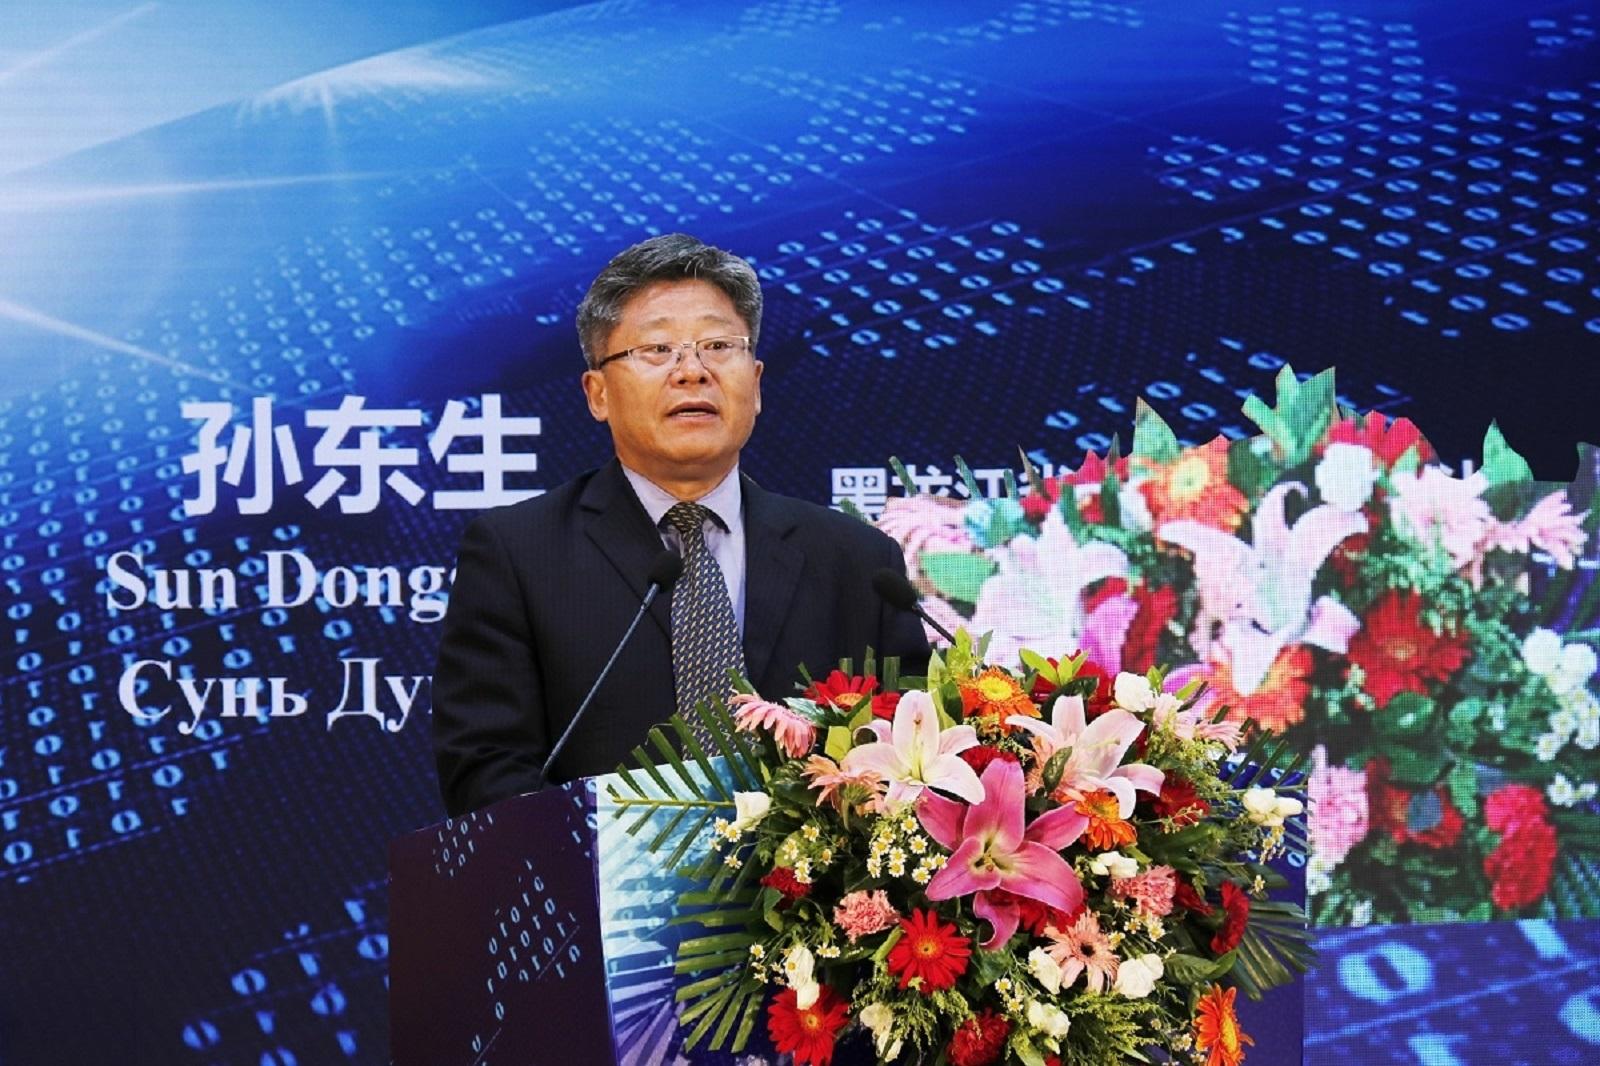 中国论坛讨论科技创新领域的国际合作插图1-小狮座俄罗斯留学